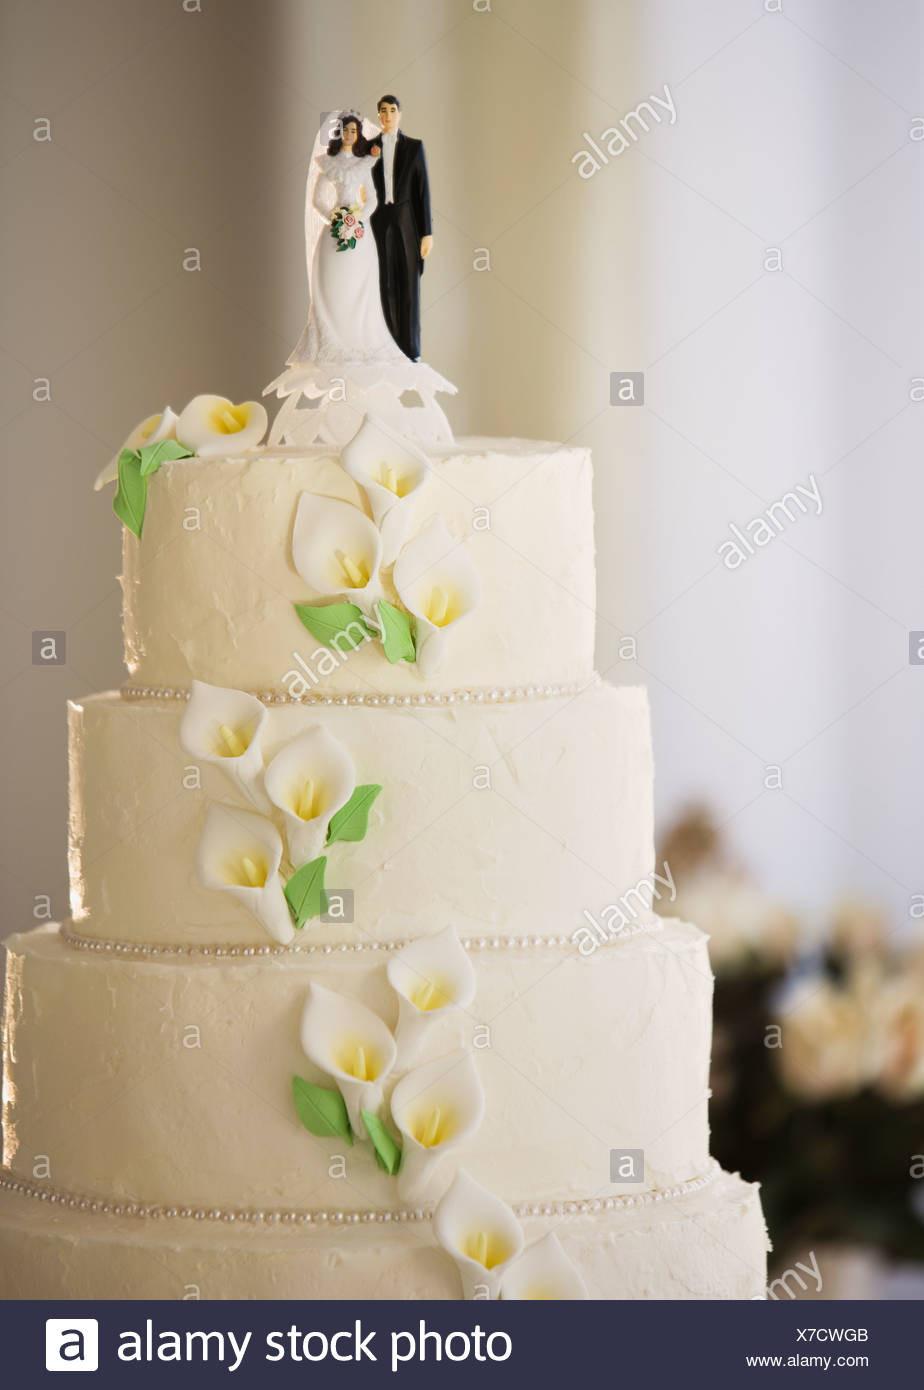 Brautpaar Hochzeitstorte  Hochzeitstorte mit Brautpaar Figuren Stockfoto Bild